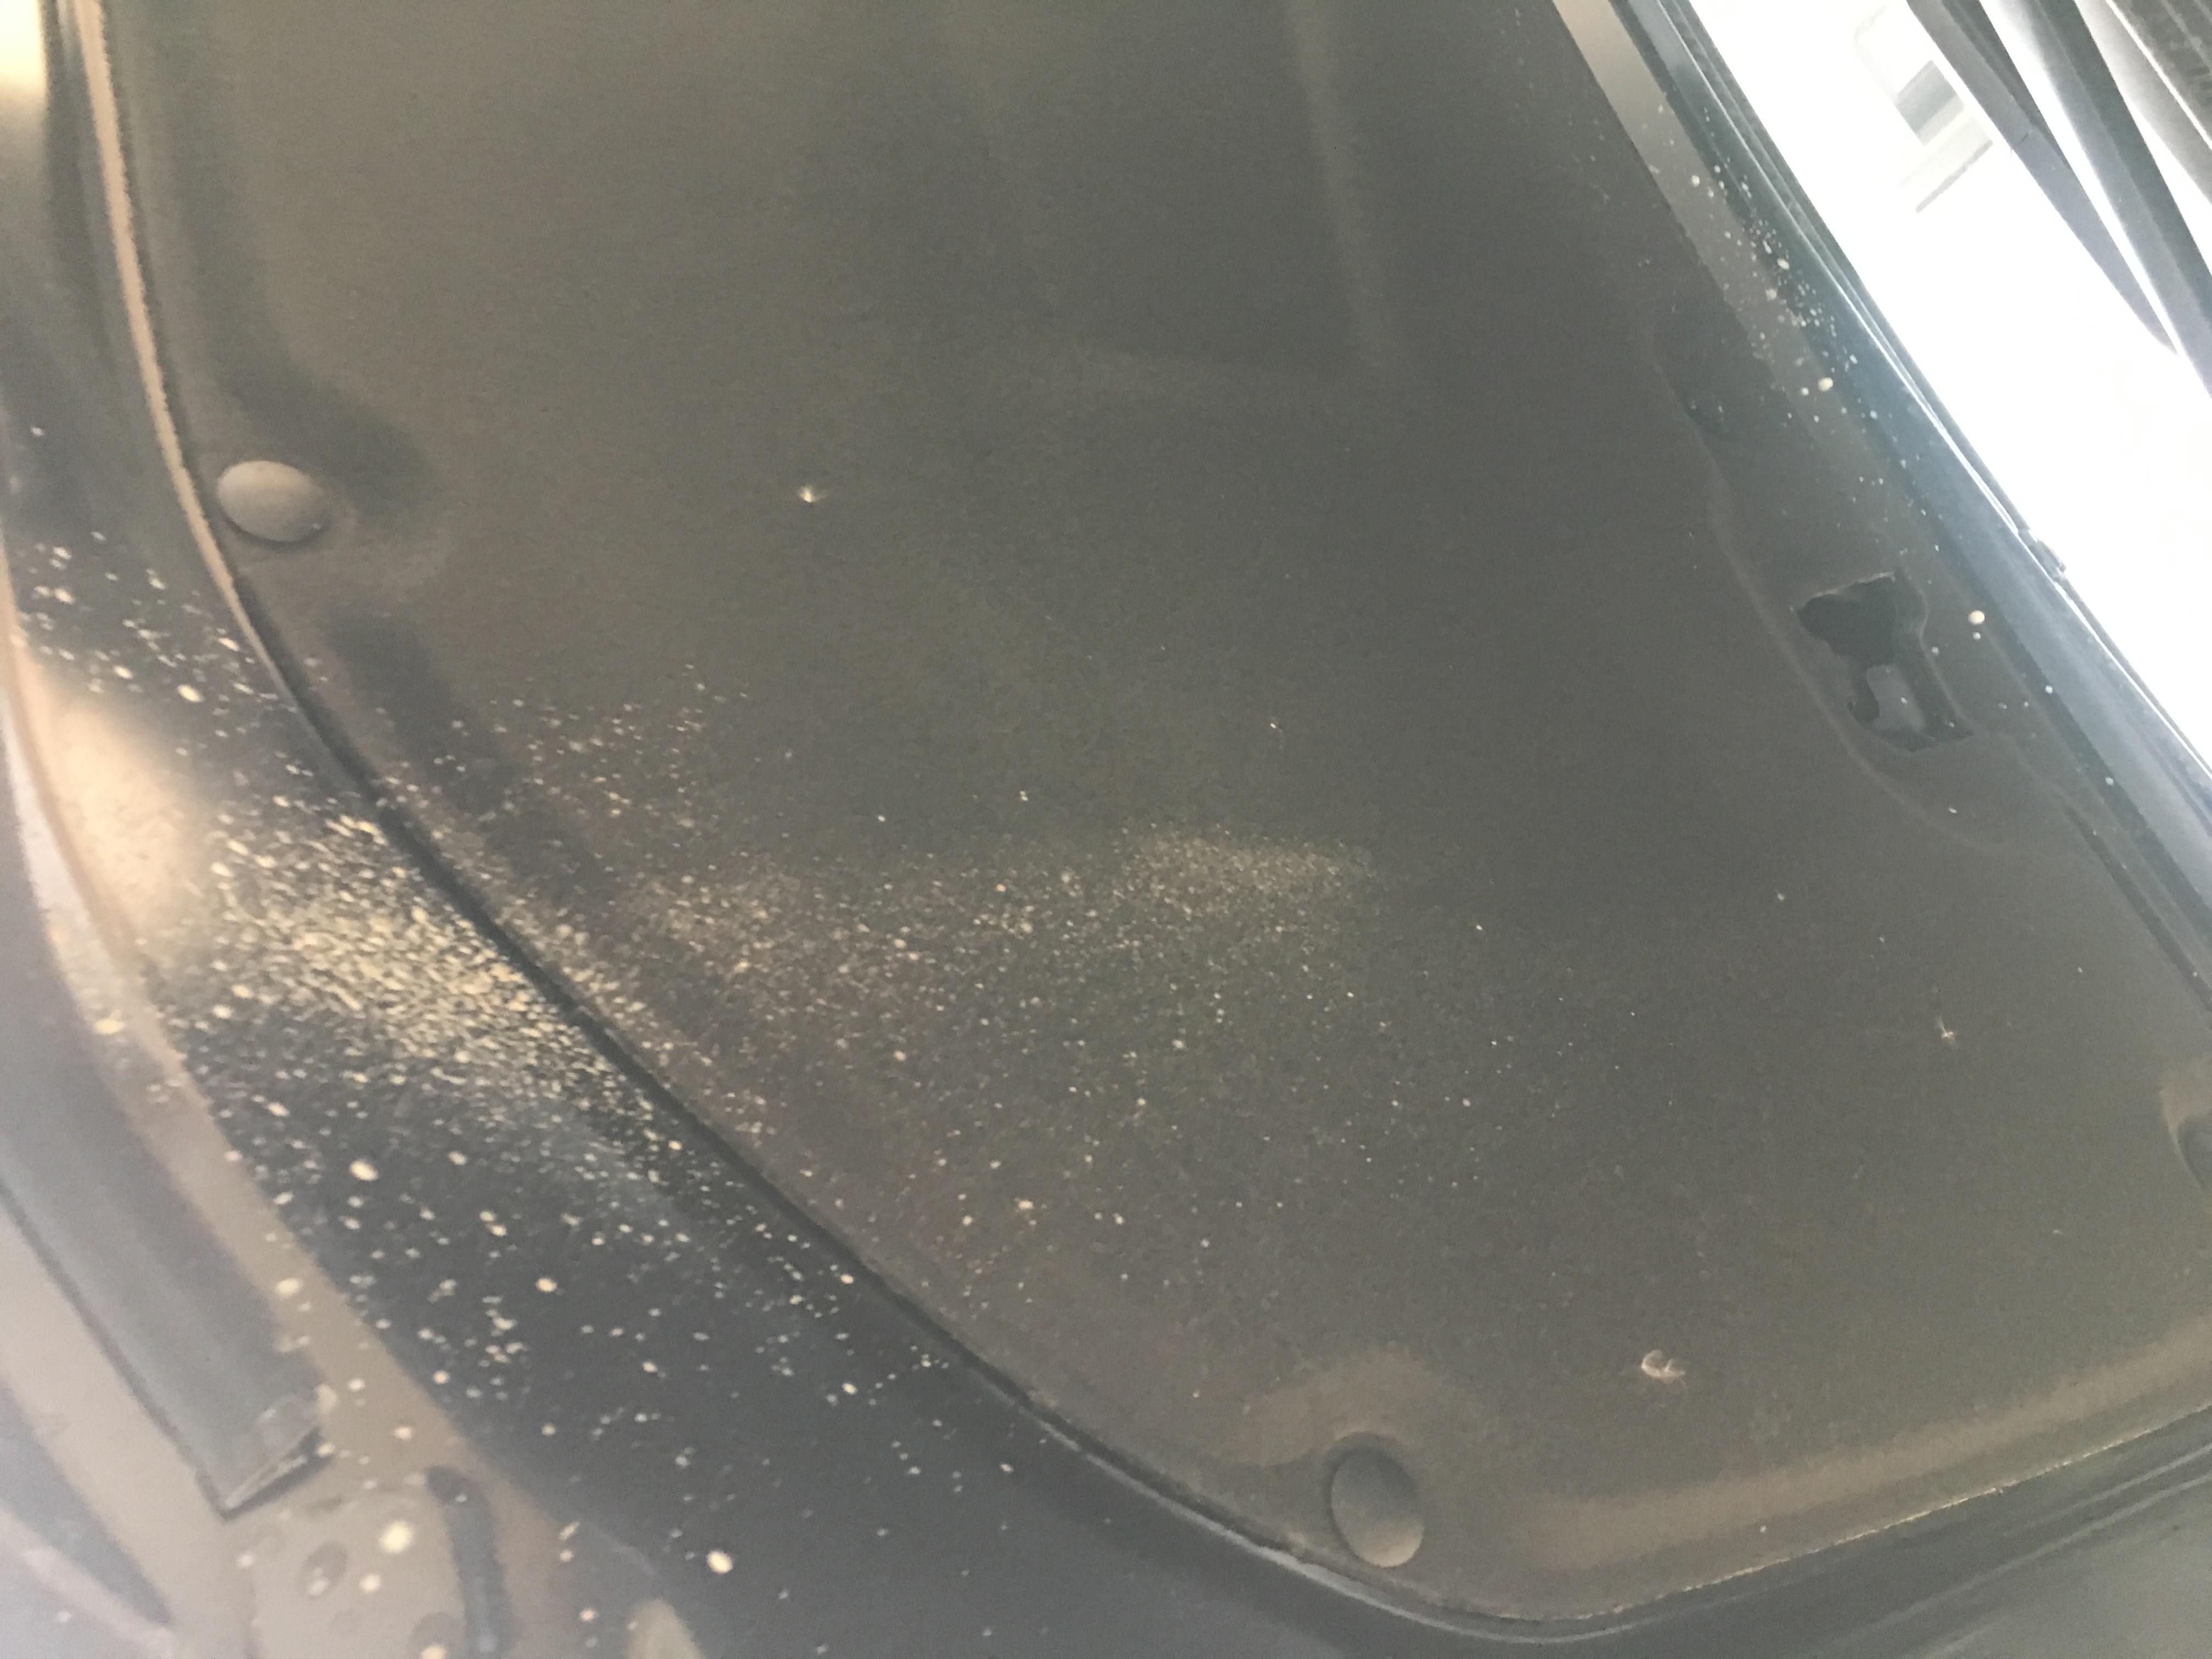 豐田-凱美瑞 行駛一段時間后,發動機艙內有一堆污泥出現